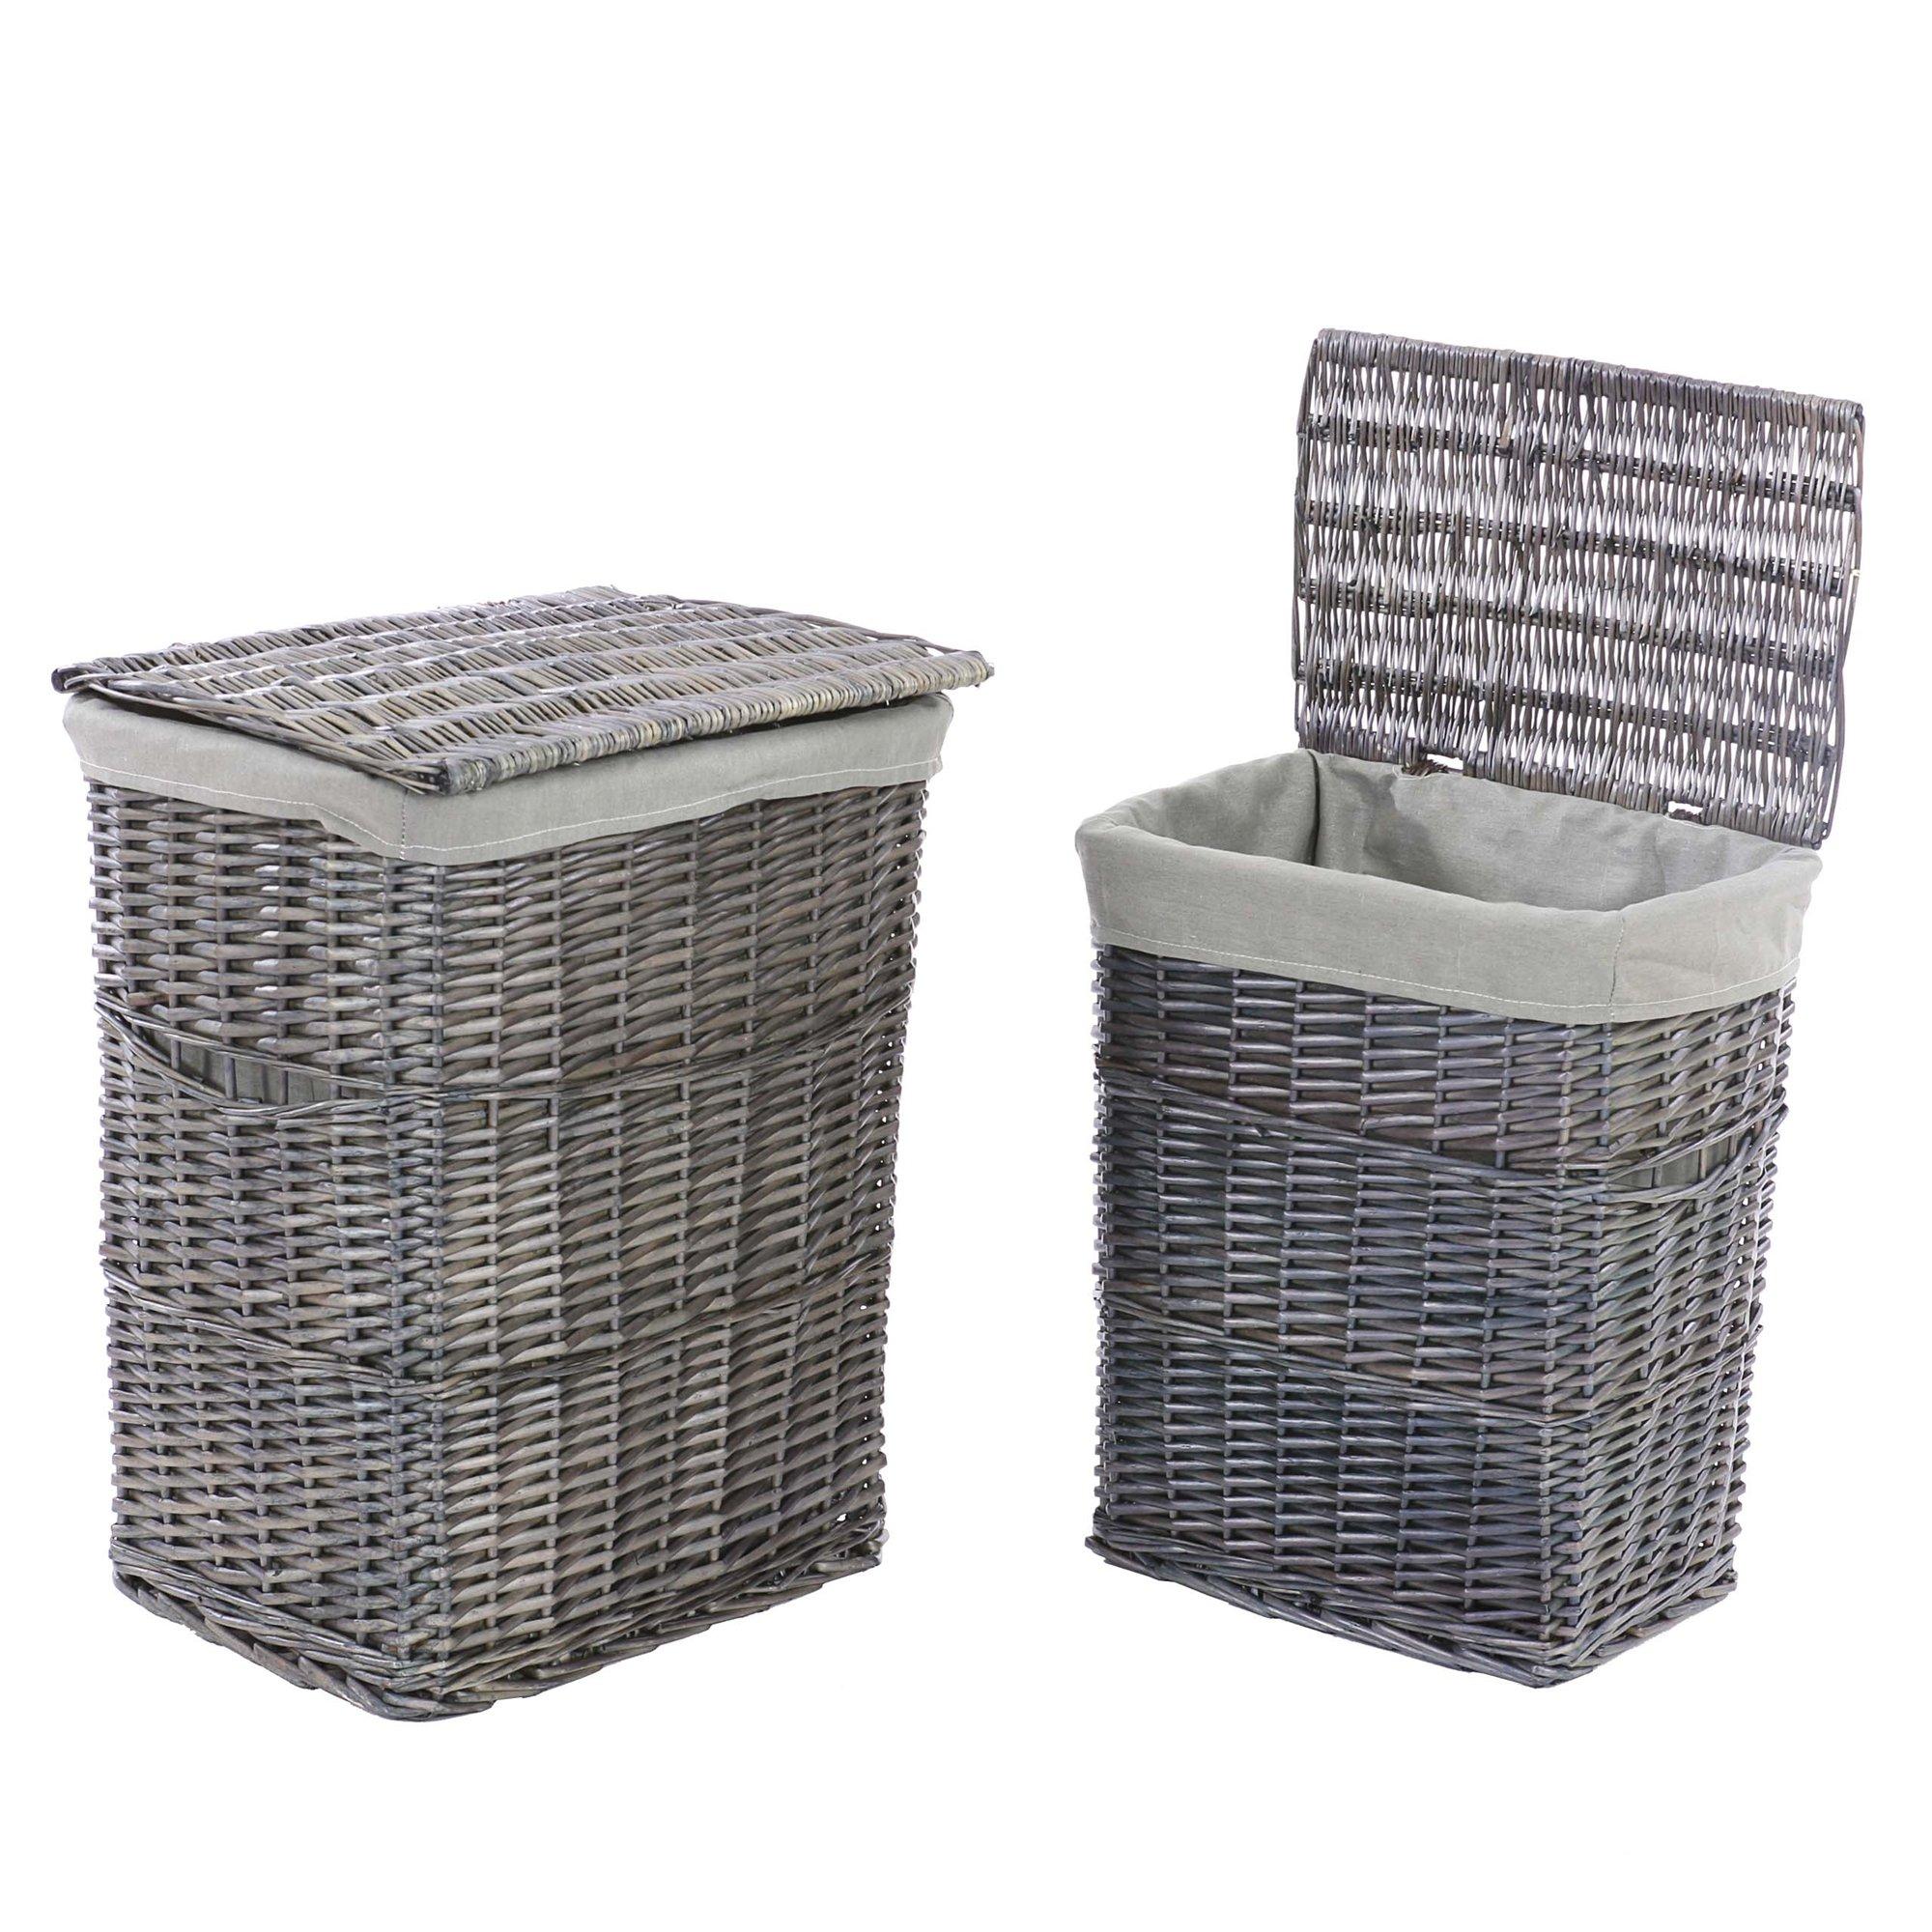 Juego de 2 cestas para la ropa en mimbre altura 57 49 cm - Cestas de mimbre ikea ...